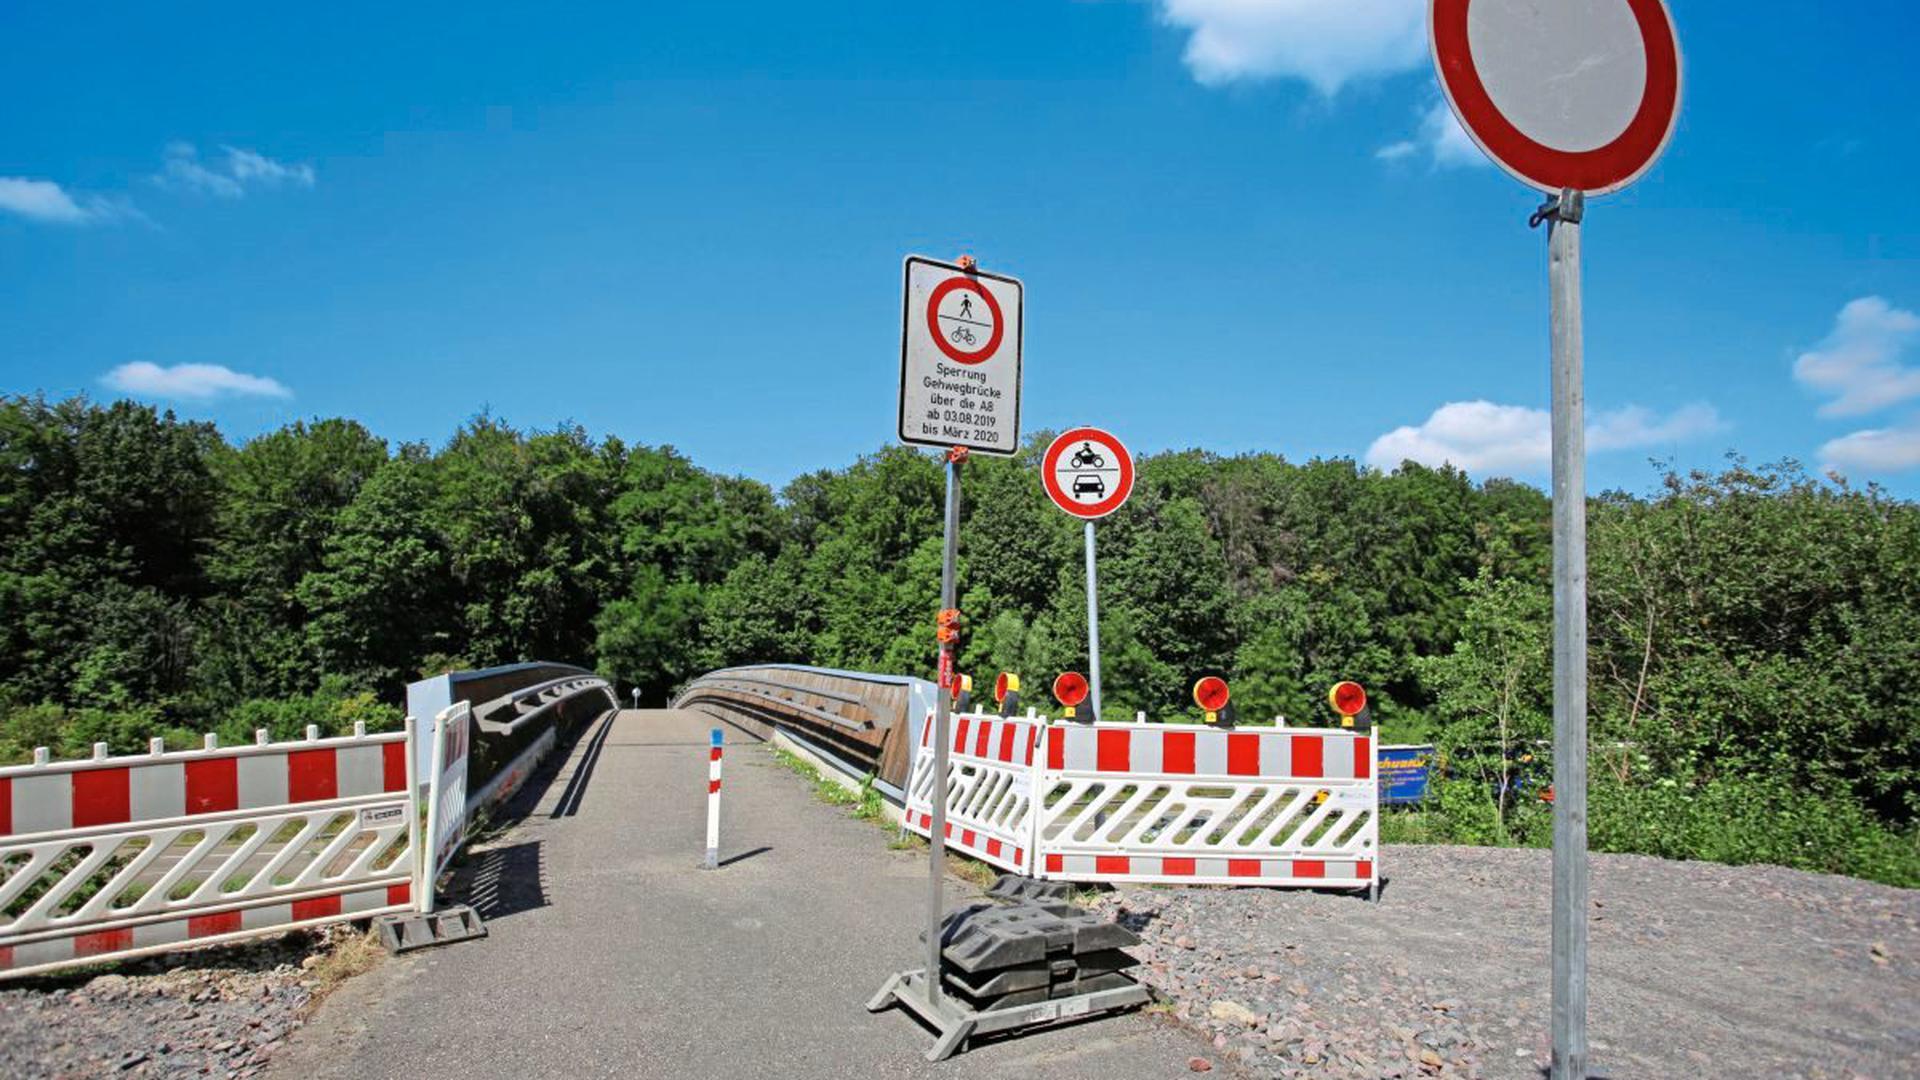 Schilder und Absperrungen weisen bereits auf den bevorstehenden Abriss der Brücke nahe der Anschlussstelle Pforzheim-West hin.